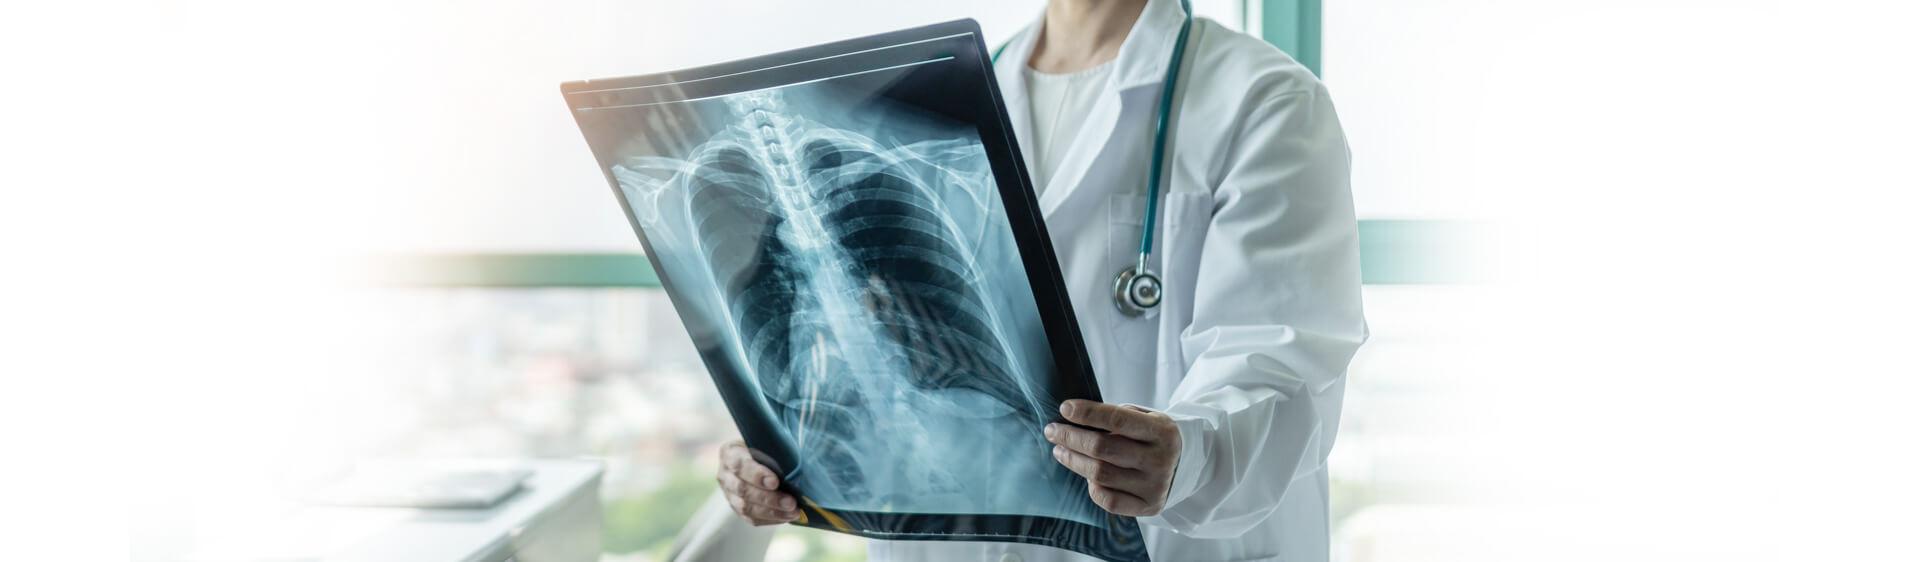 Diagnostics & Treatments